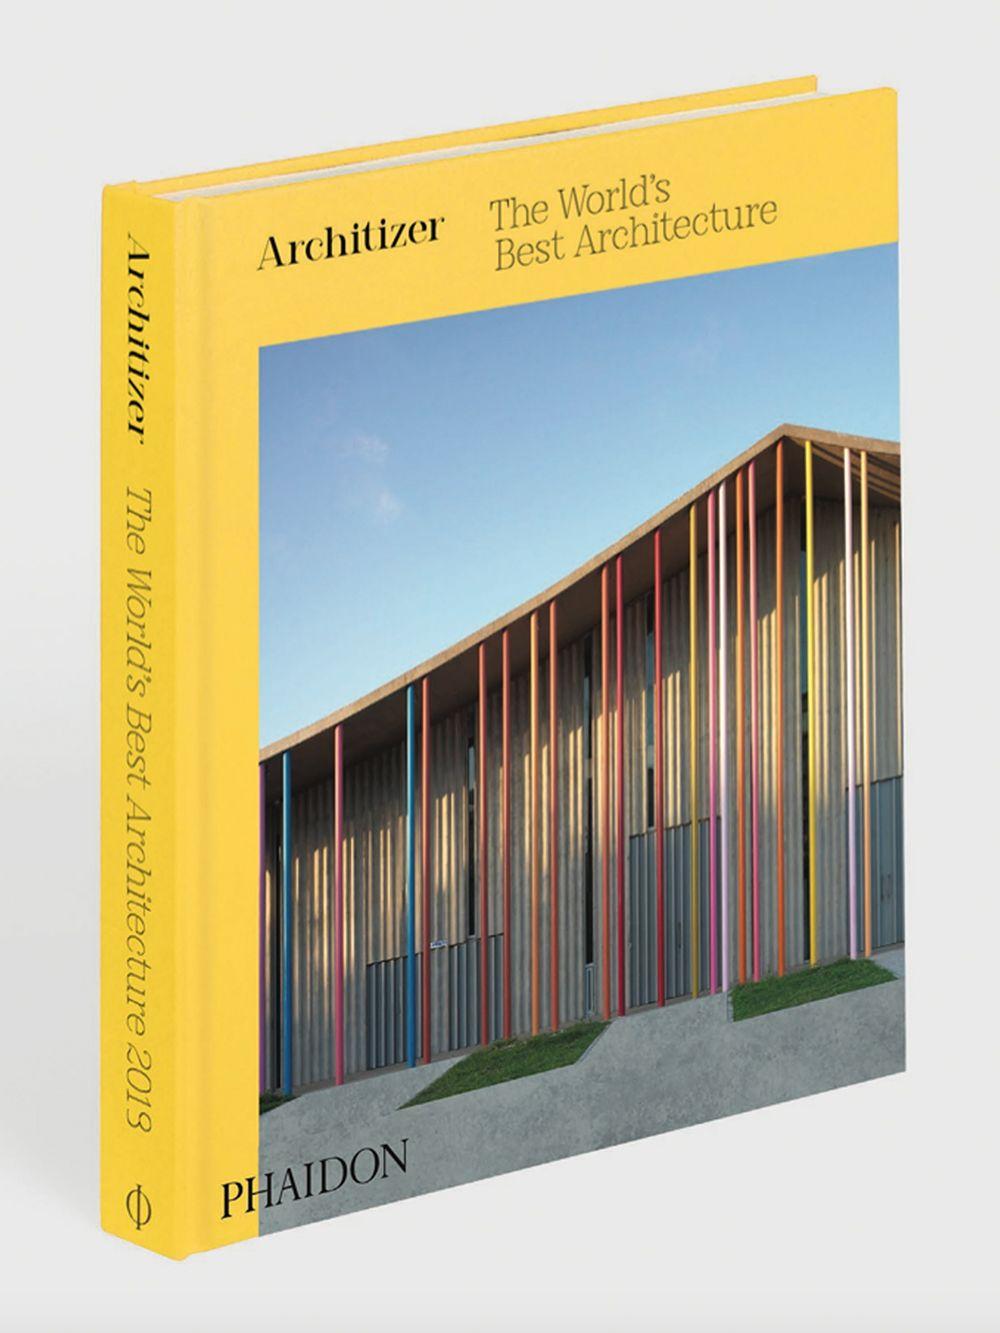 Phaidon Architizer – The World's Best Architecture